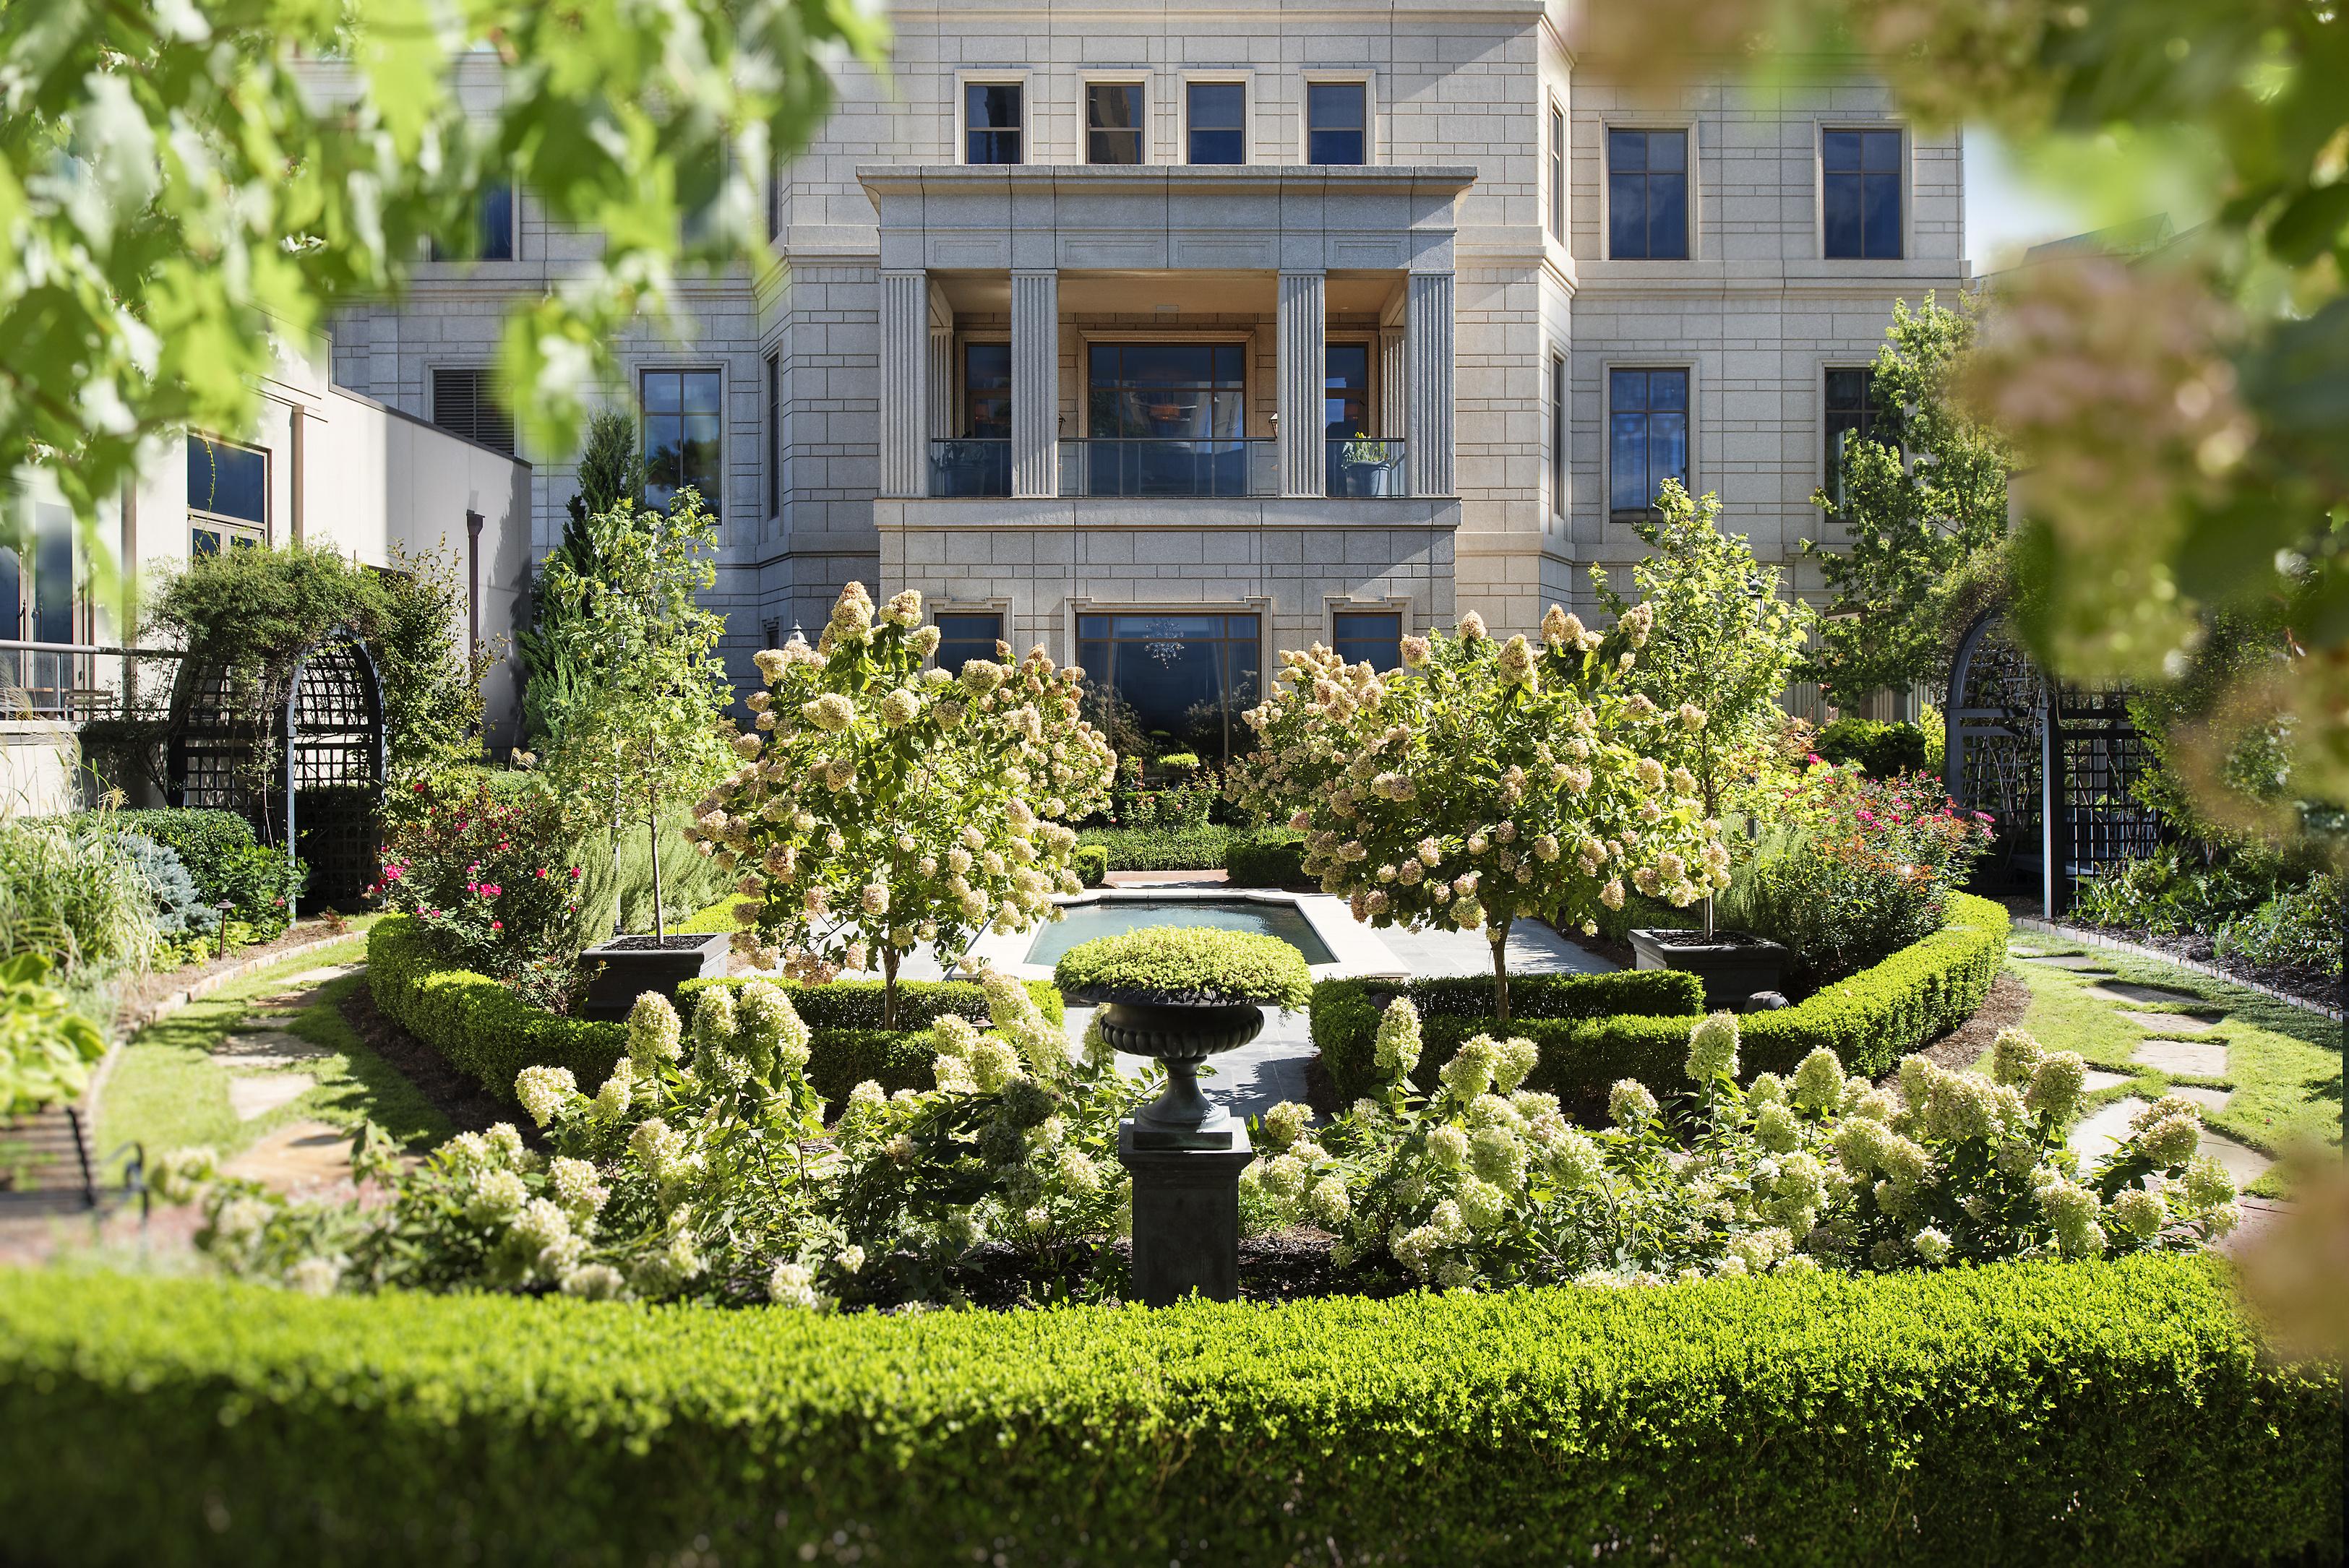 atlanta-14-hotel-exterior-english-garden